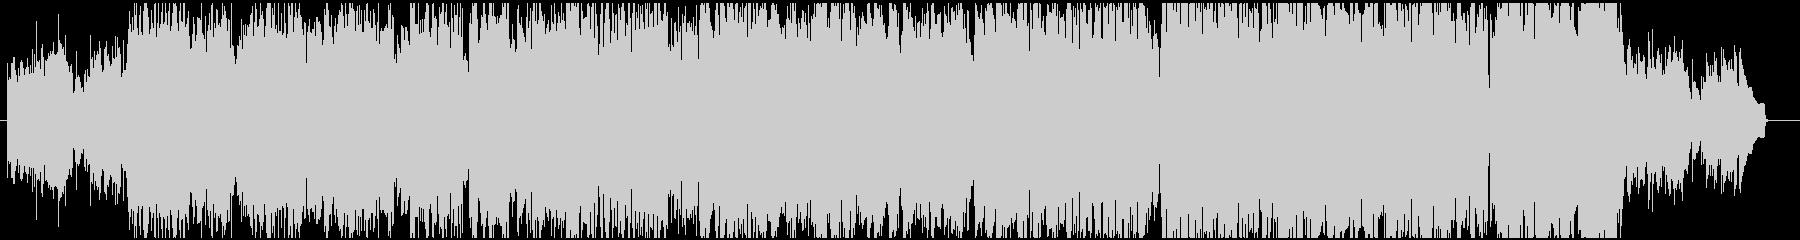 フォークギターのフィンガーピッキング曲の未再生の波形